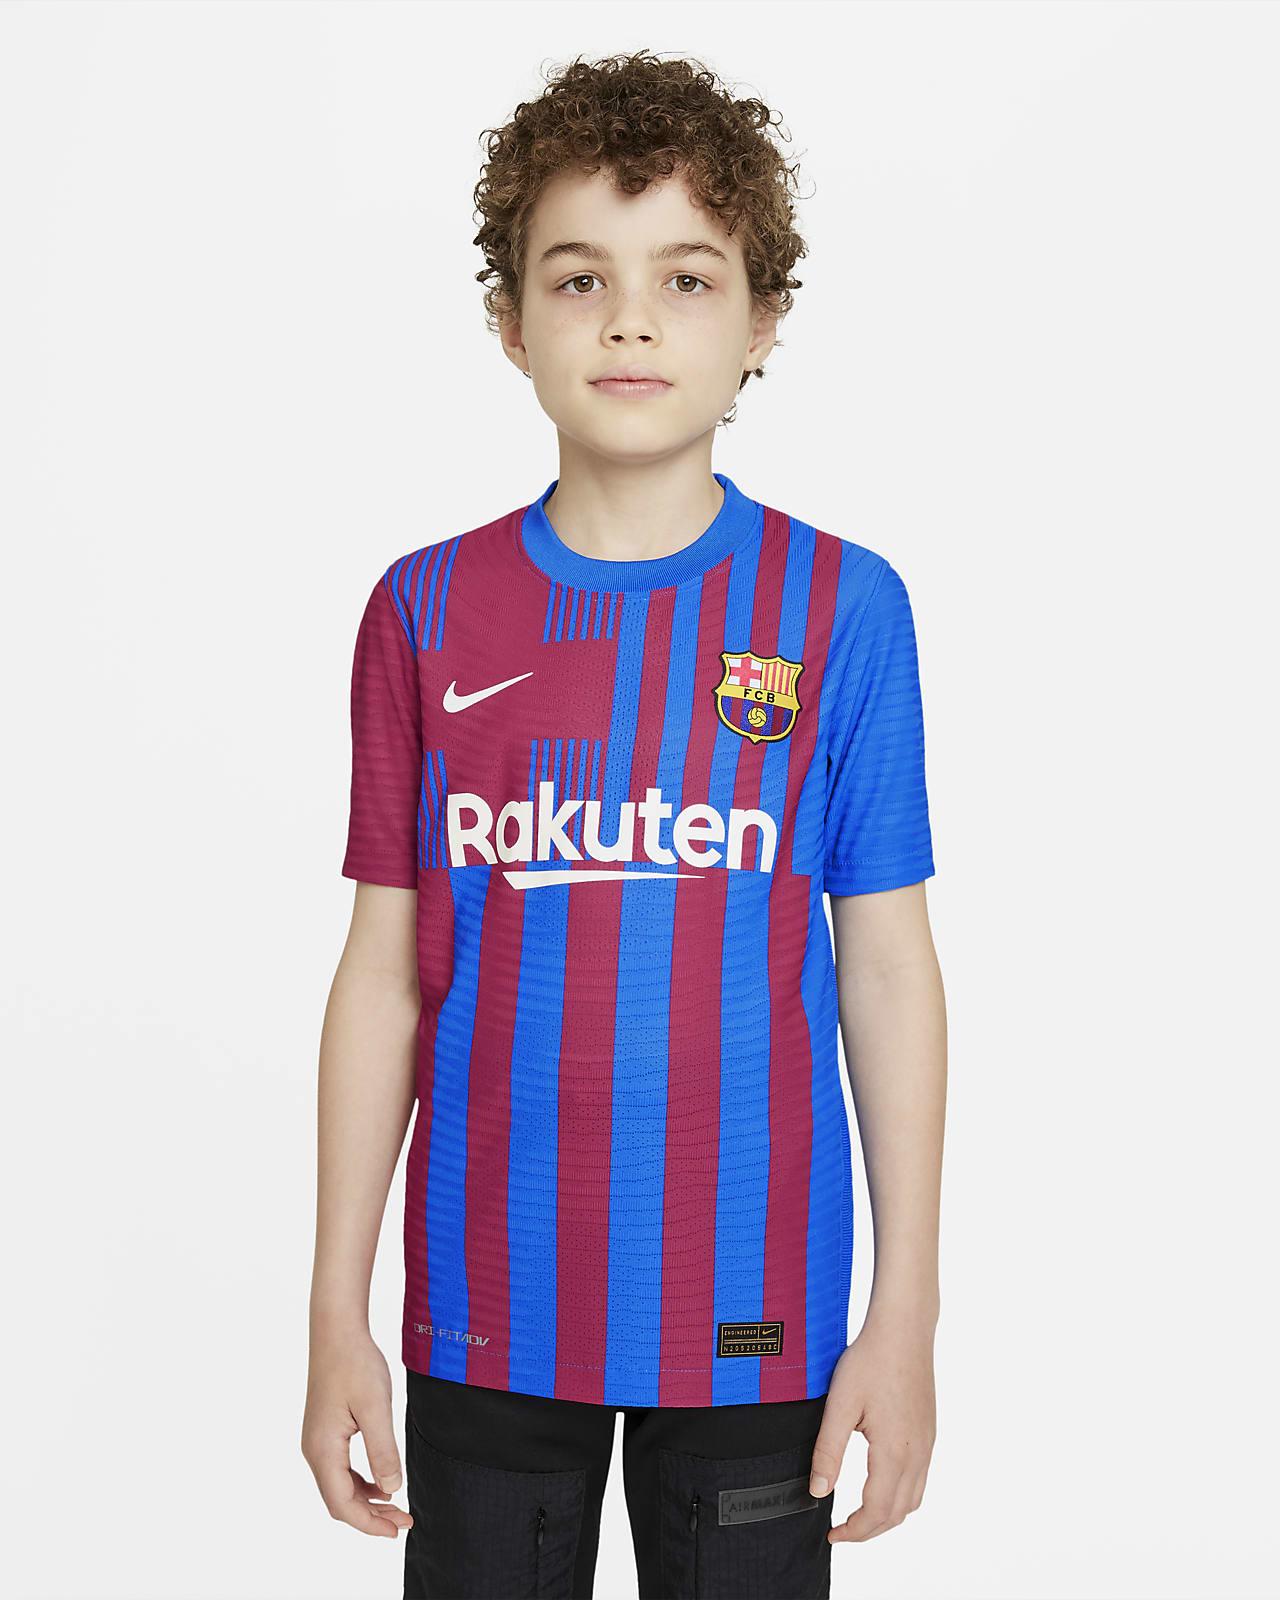 Maglia da calcio Nike Dri-FIT ADV F.C. Barcelona 2021/22 Match per ragazzi - Home